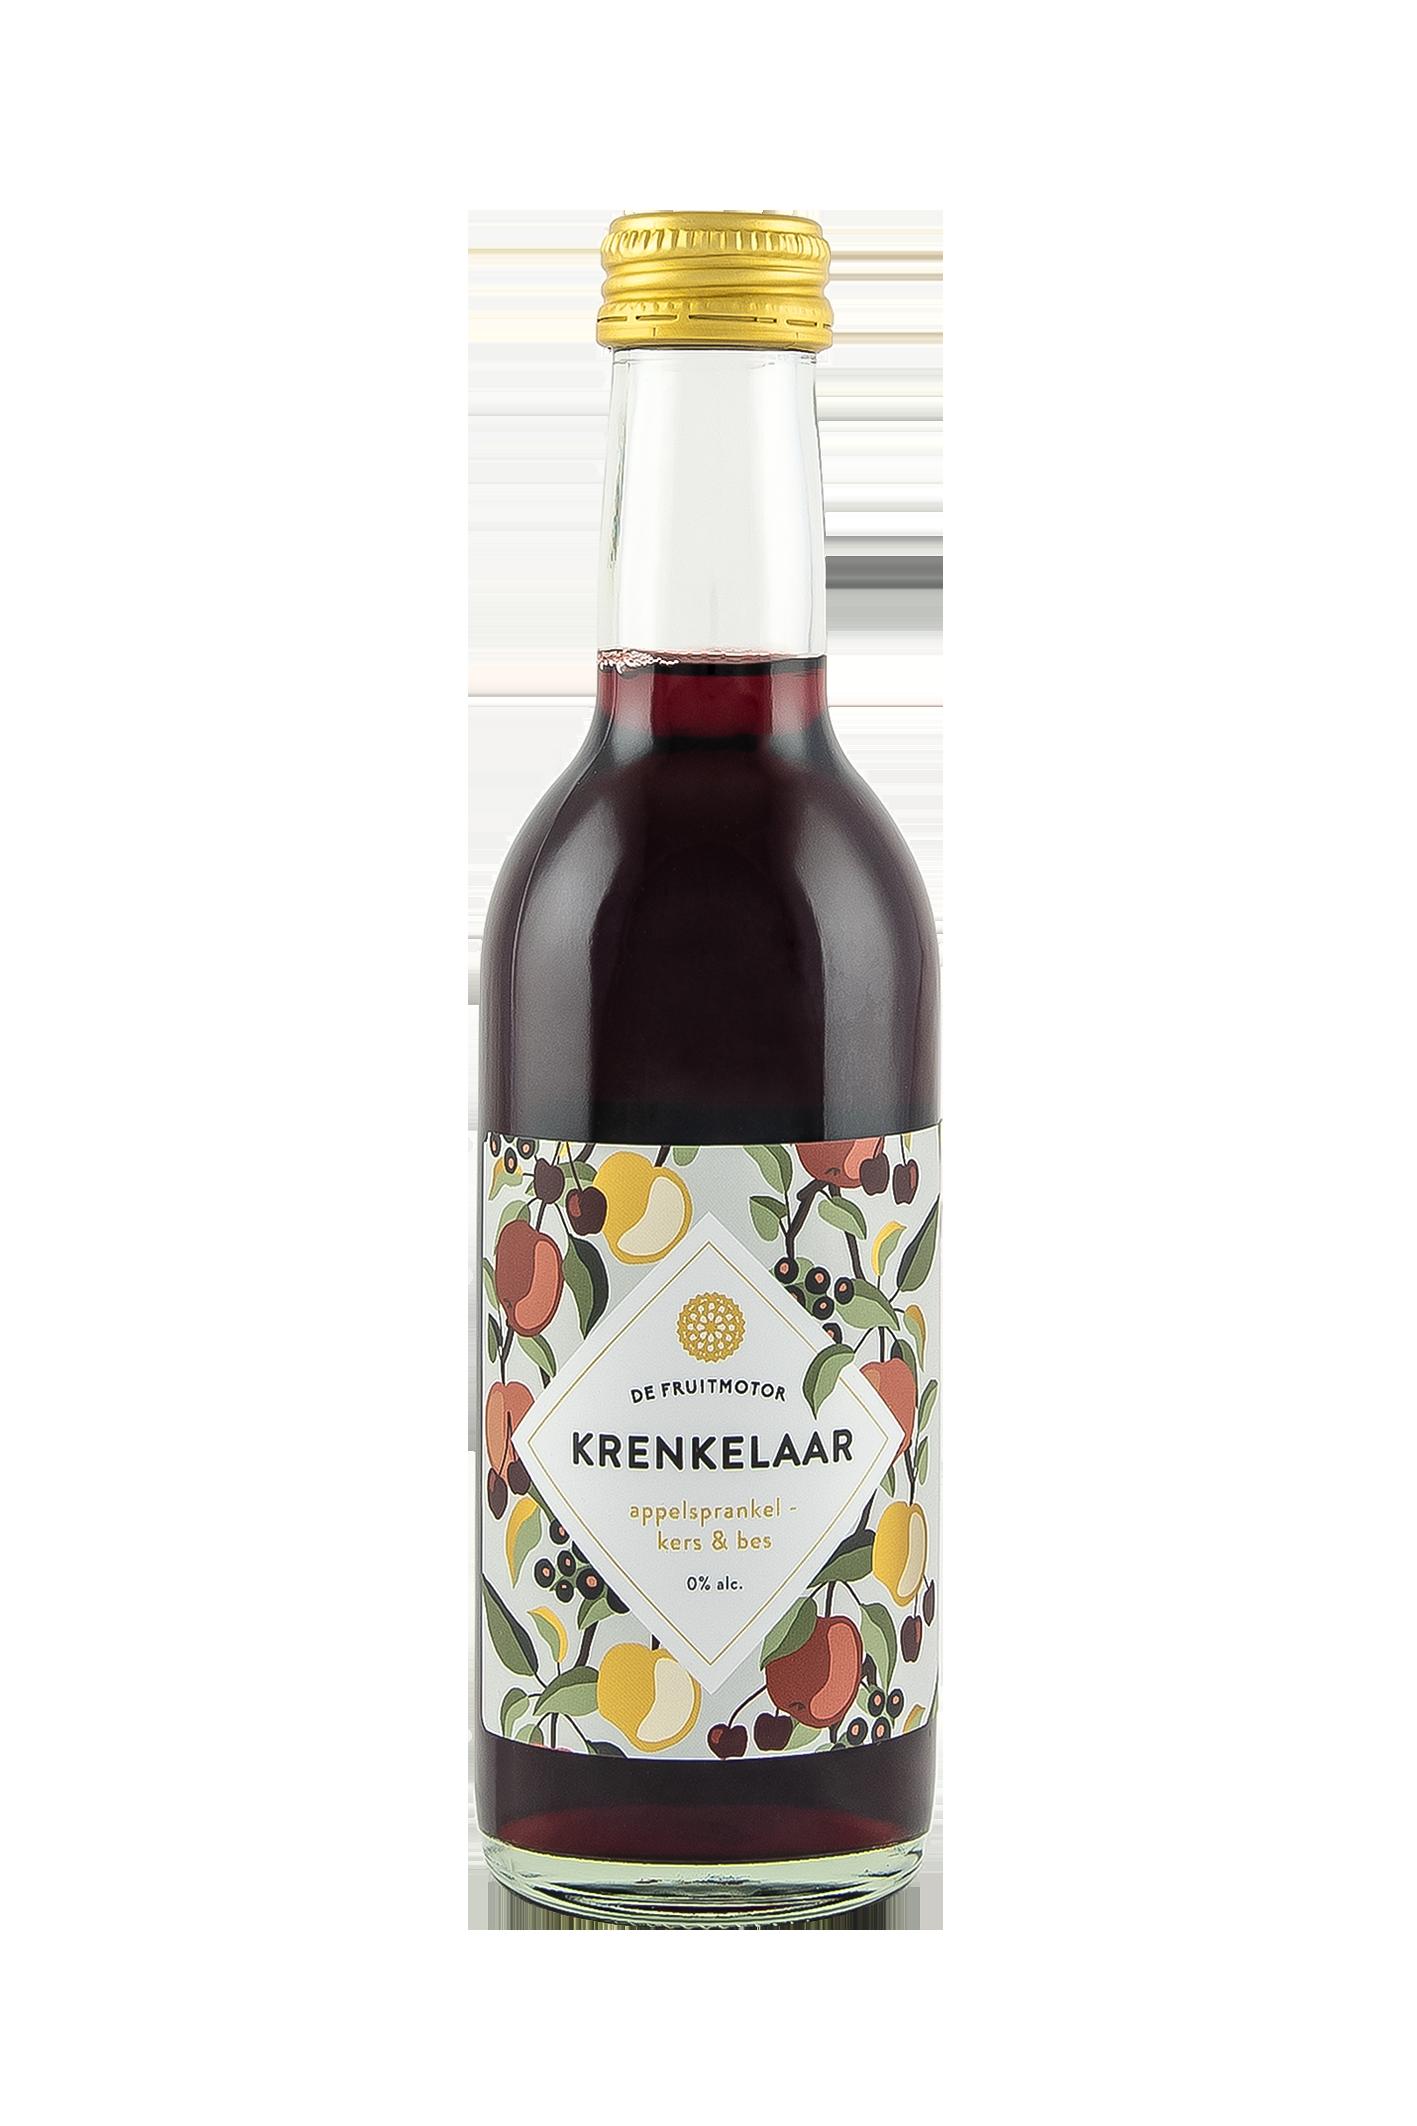 Kleintje Krenkelaar Appelsprankel Kers & Bes 250ml.